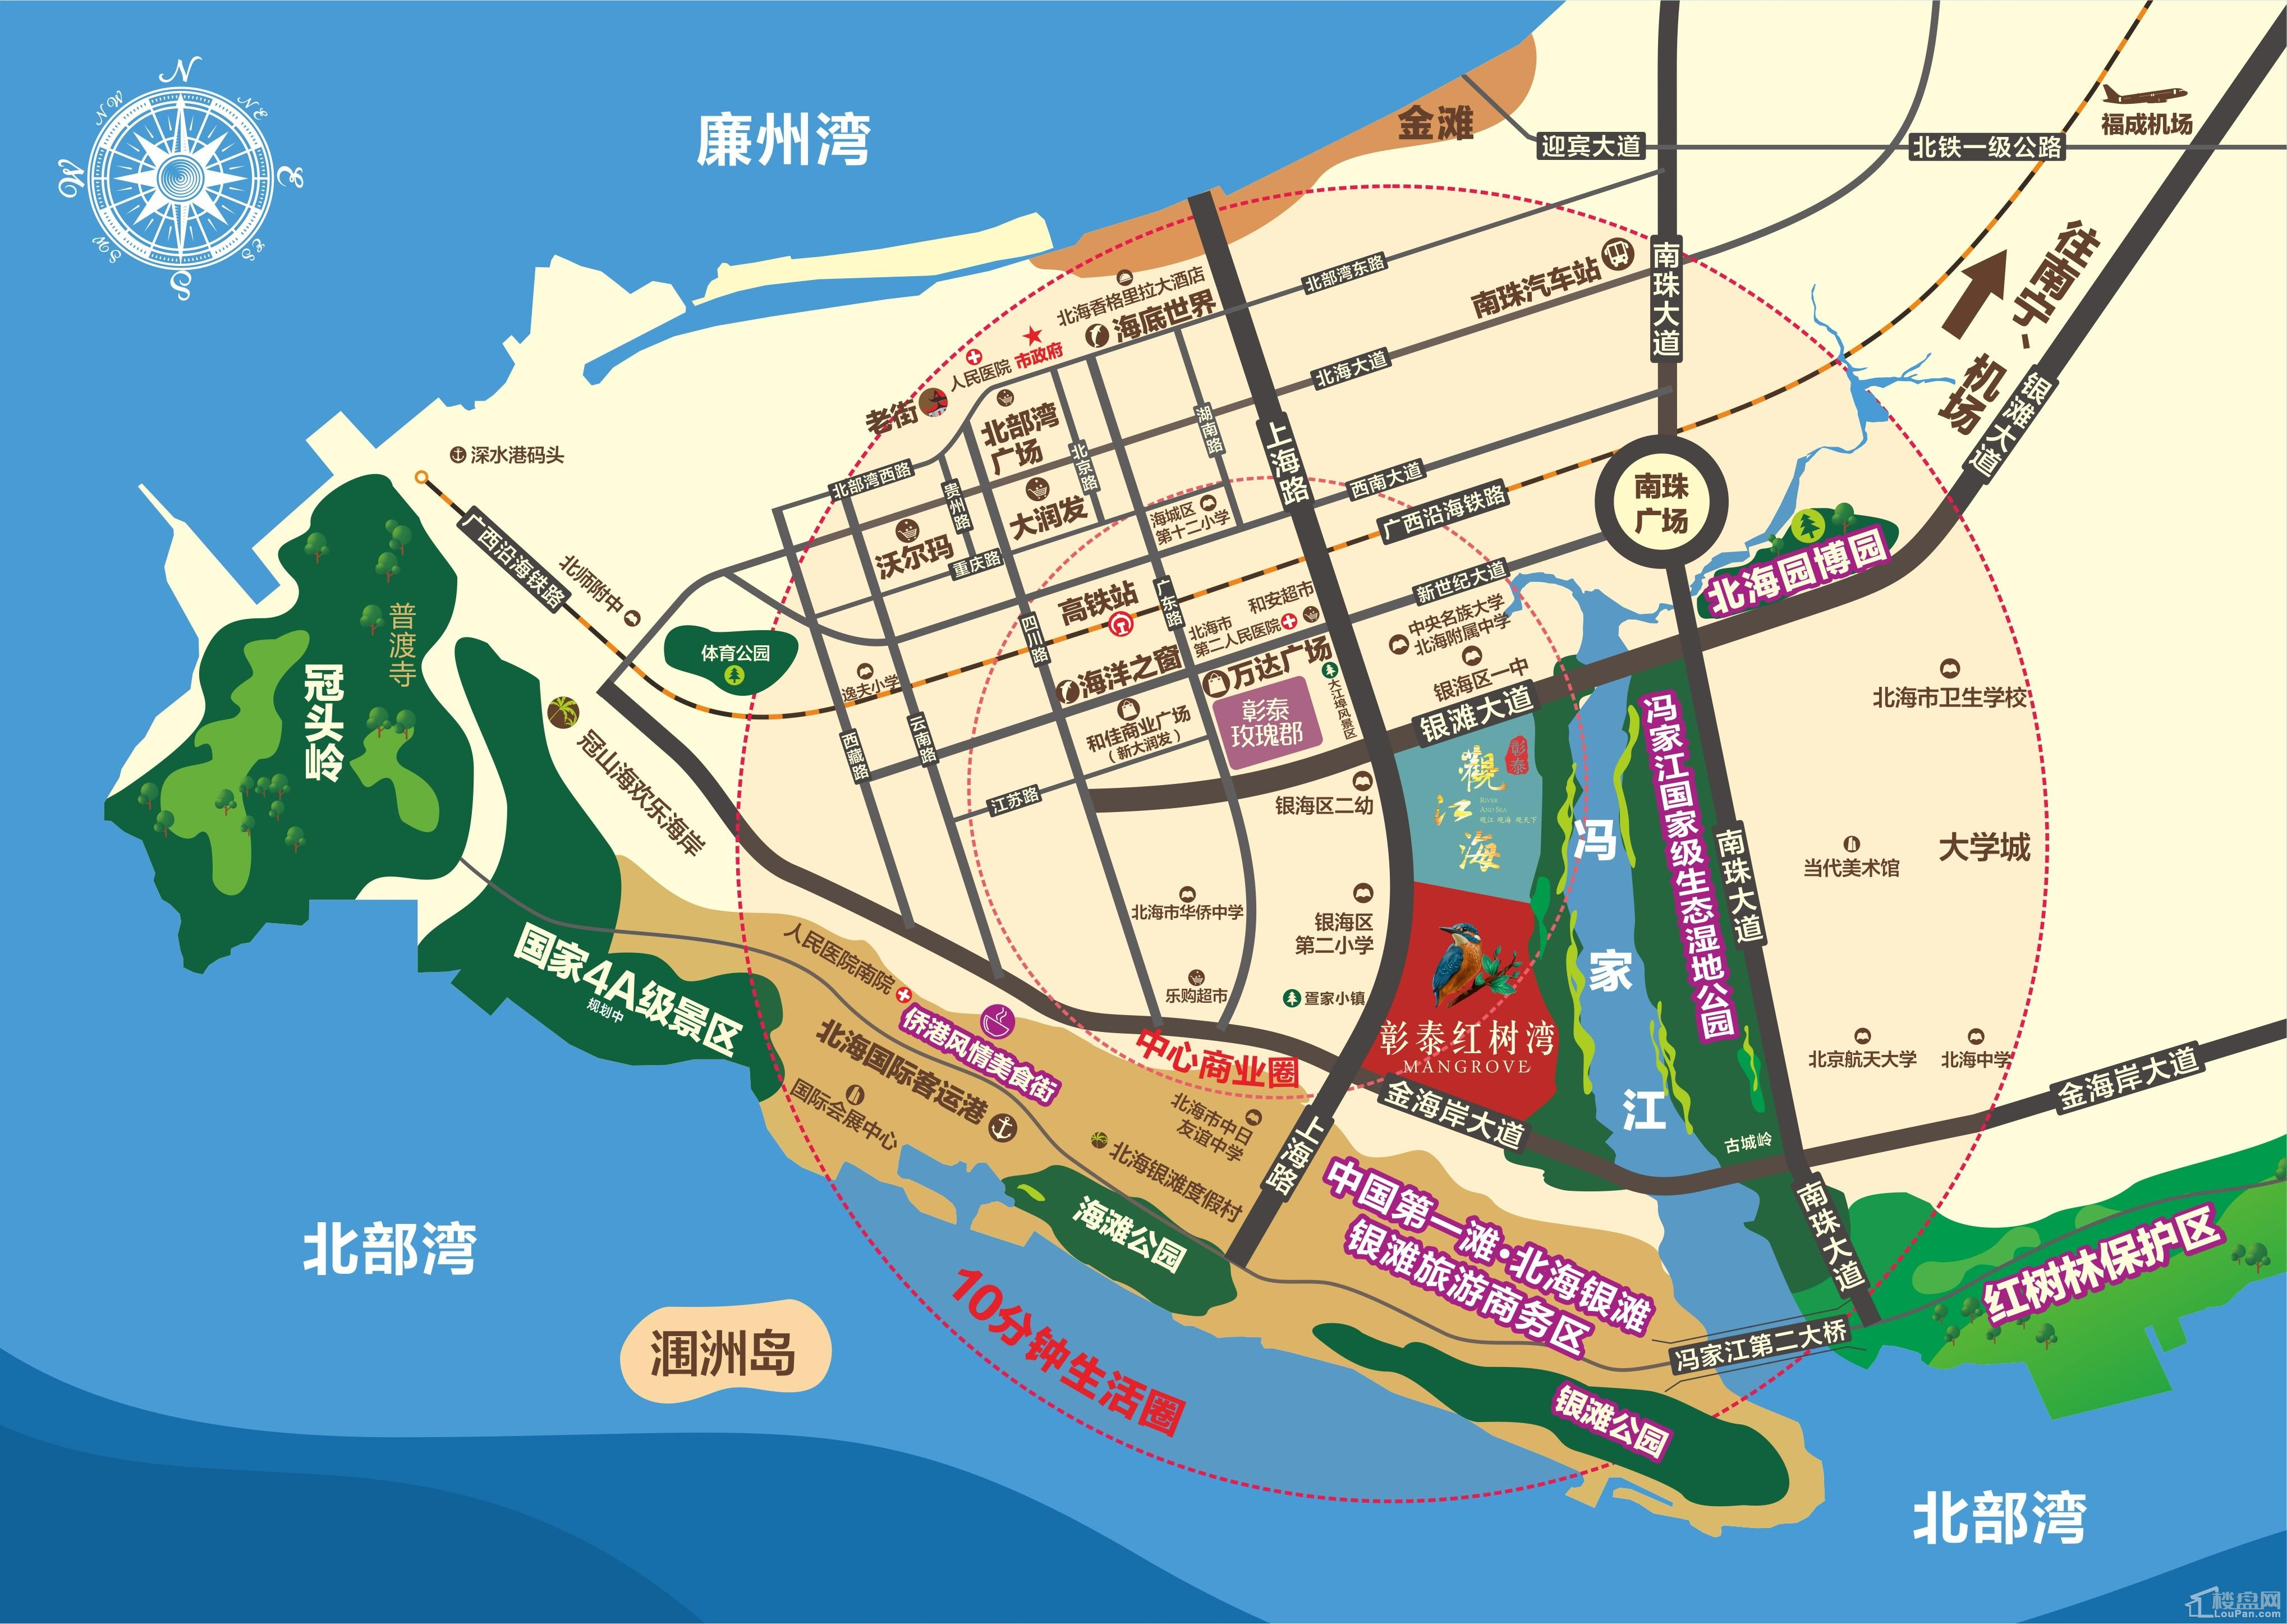 彰泰·红树湾位置图